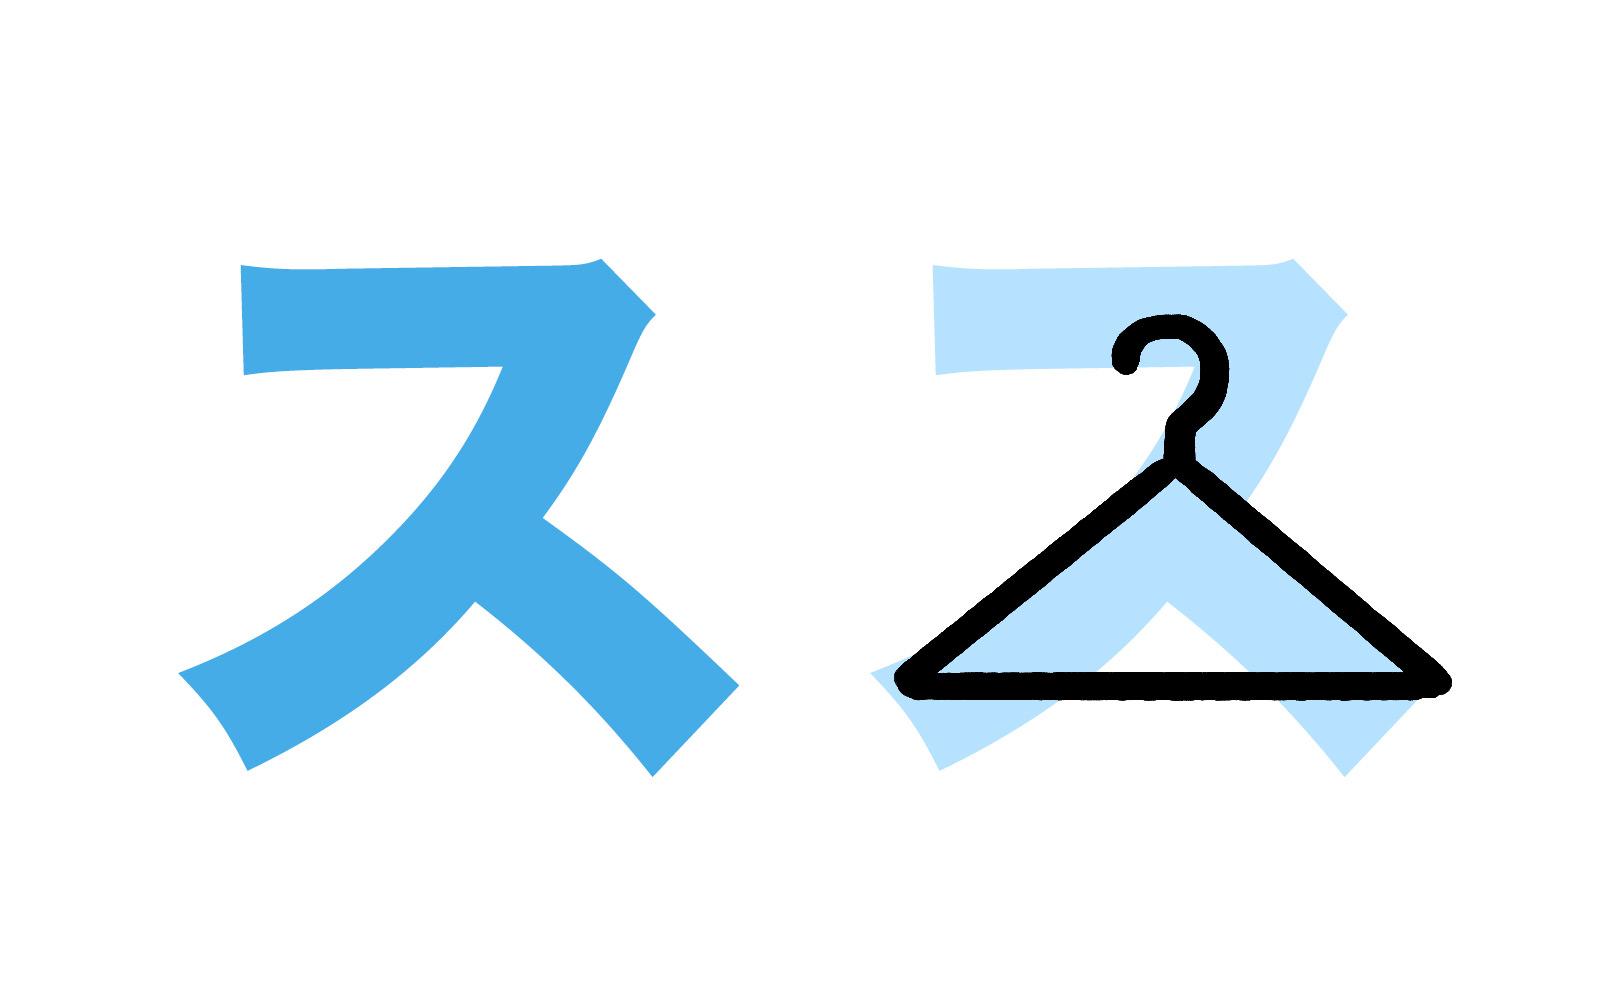 Katakana character ス mnemonic